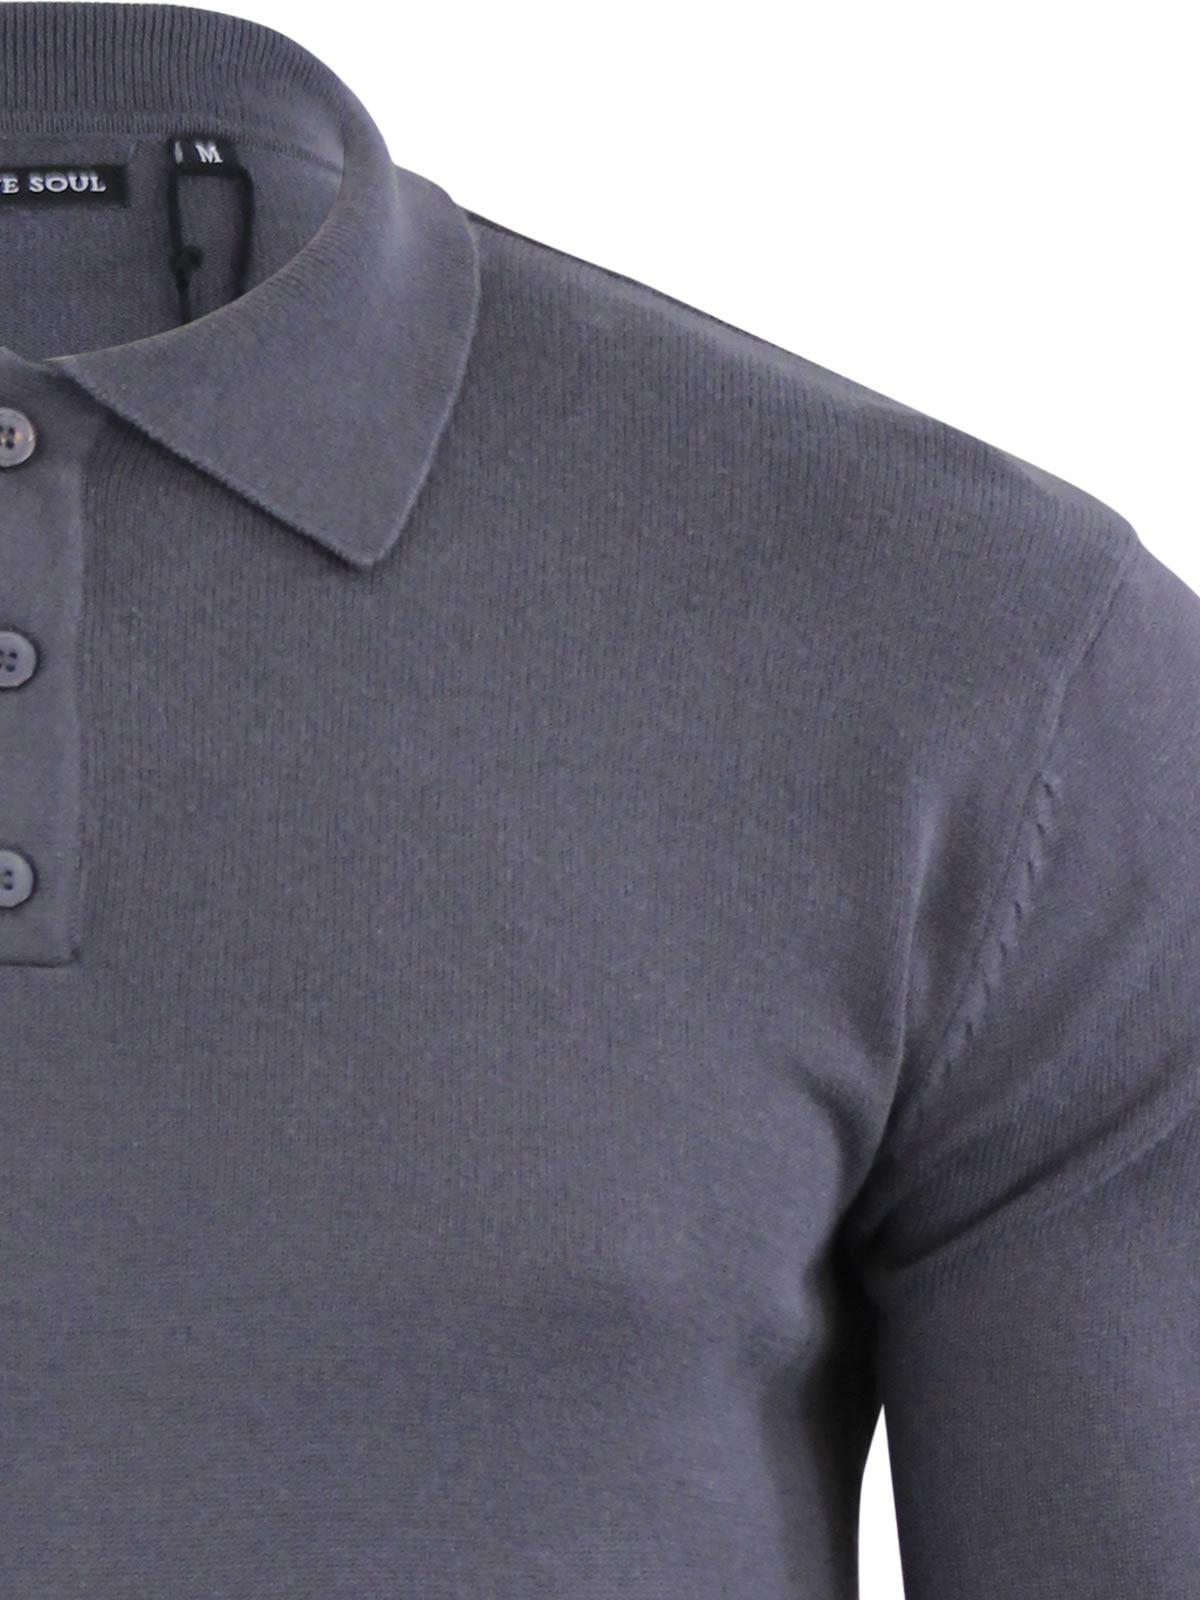 Brave-Soul-Patte-De-Boutonnage-Homme-Tricot-Polo-T-Shirt-a-Col-Pull miniature 13